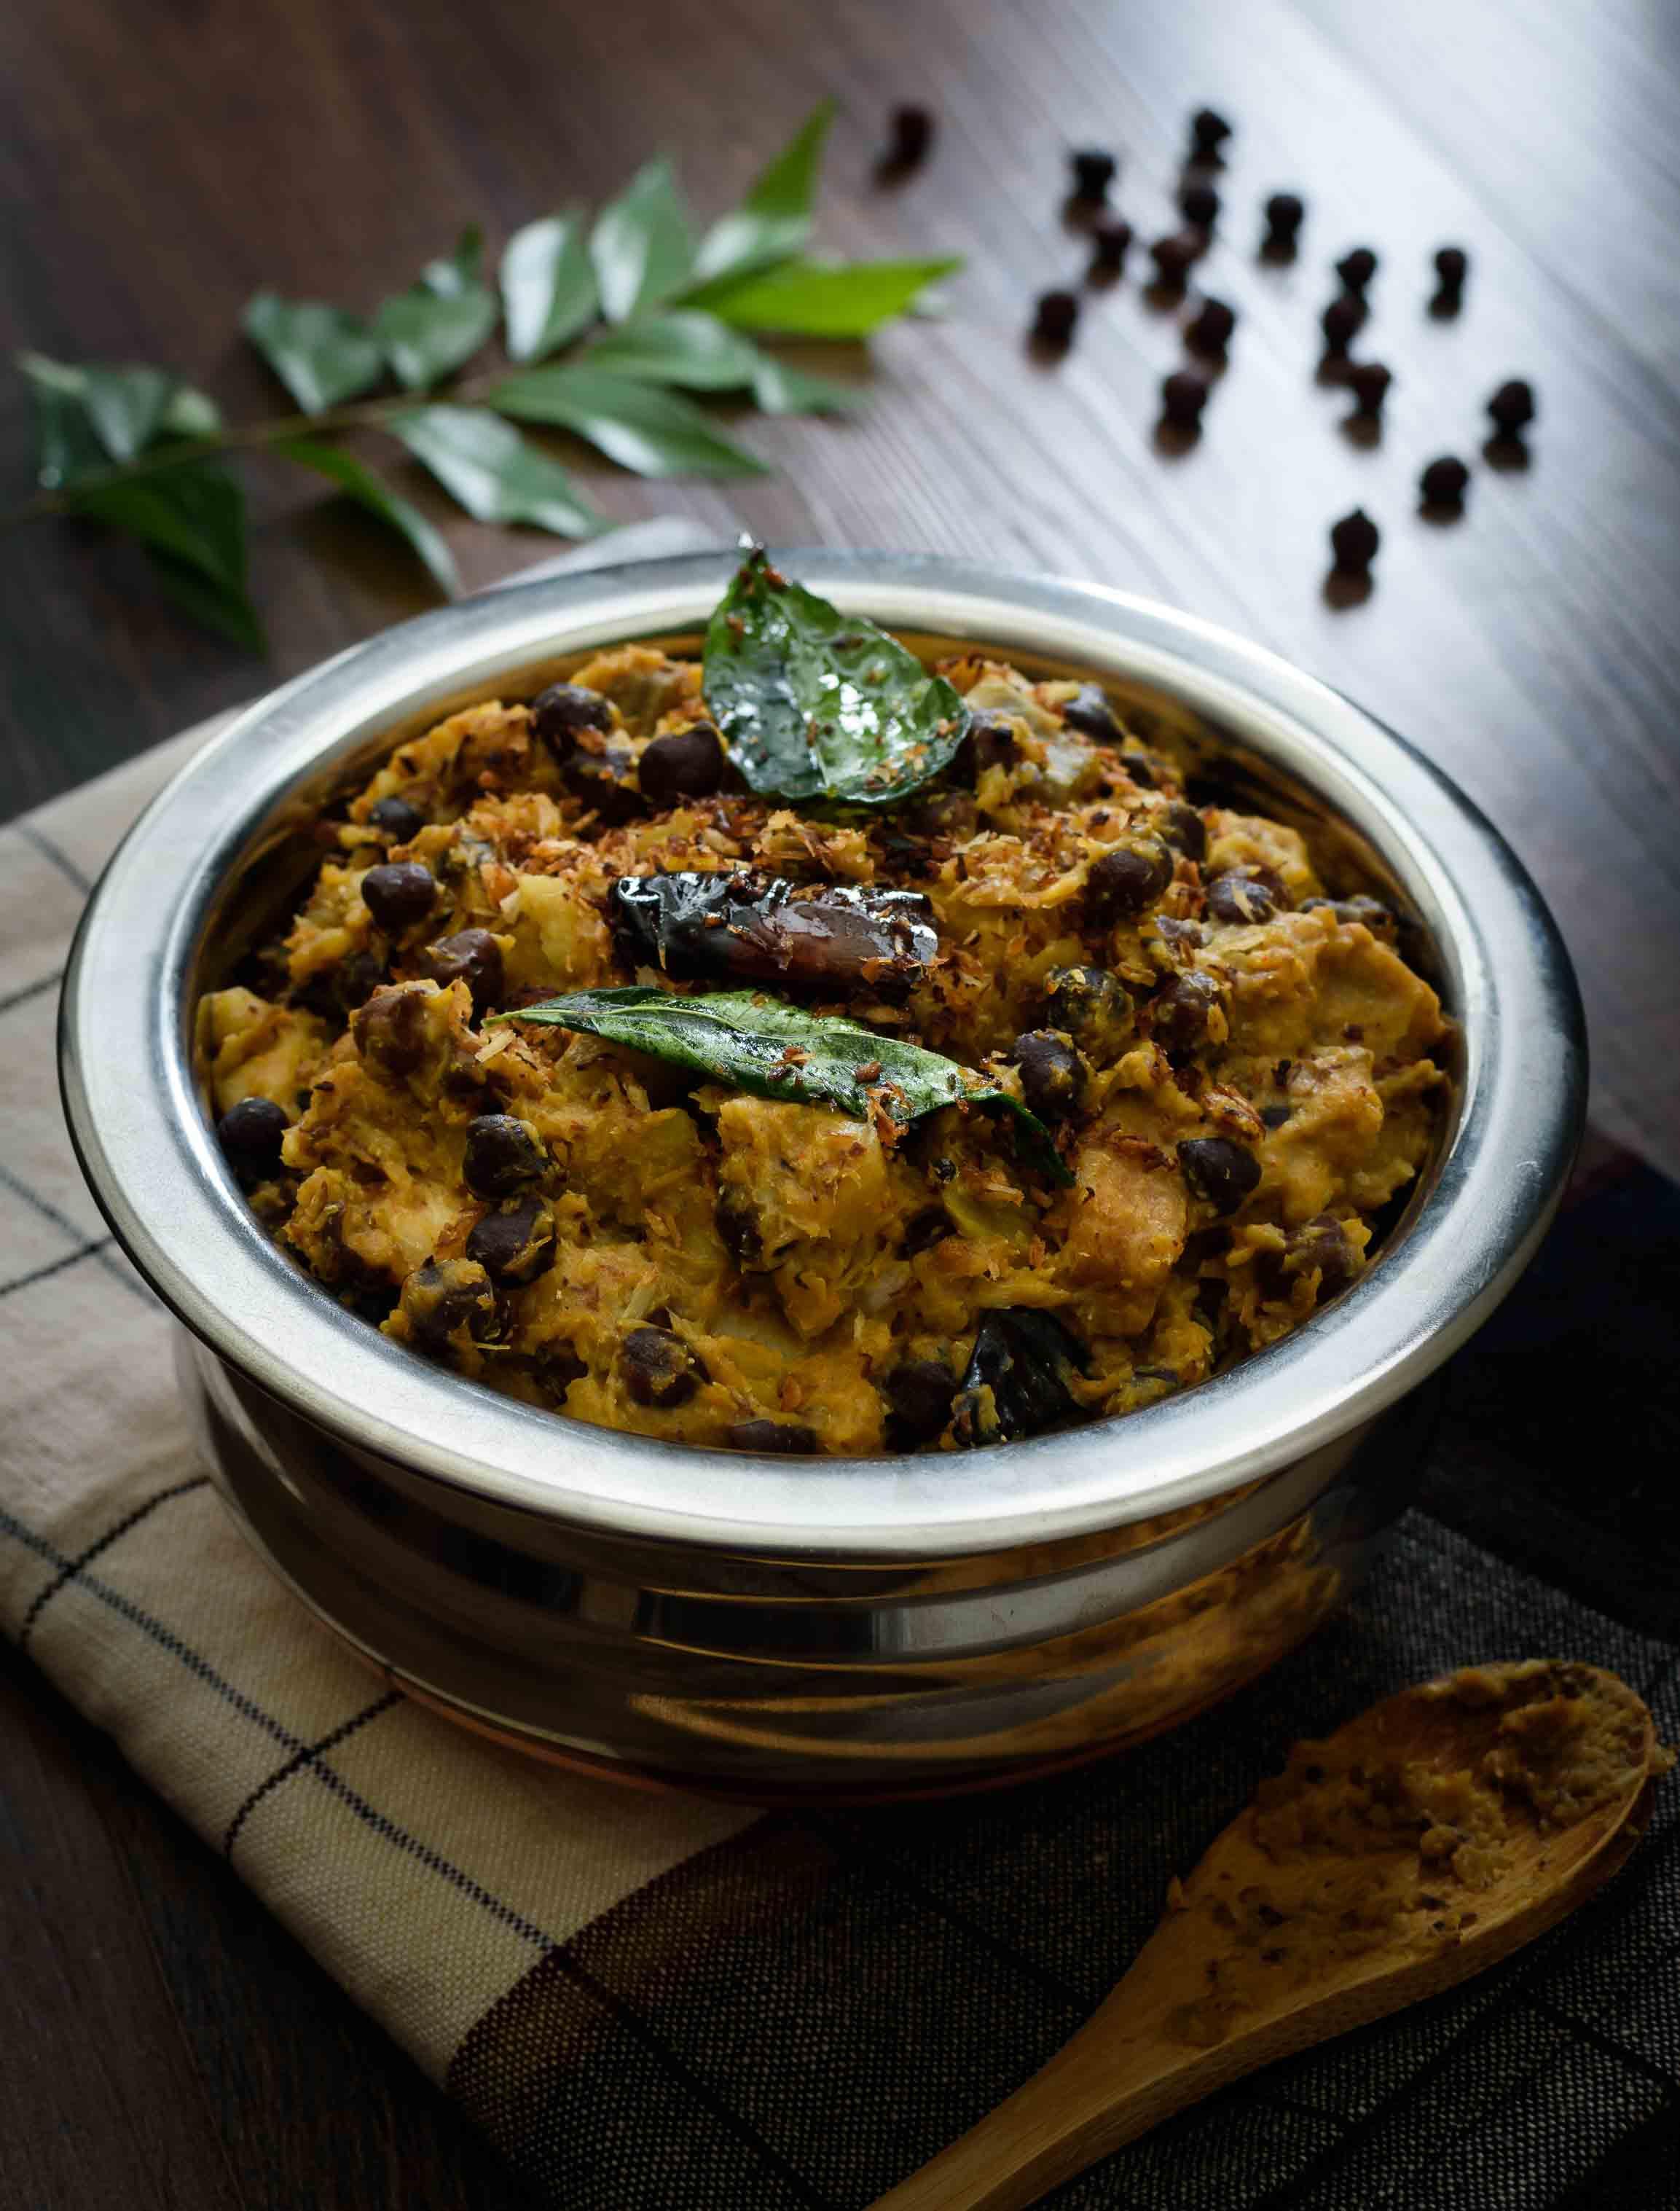 Kootu curry pepper delight kootu curry pepper delight pepperdelightblog recipe kootucurry sadya keralafood forumfinder Gallery